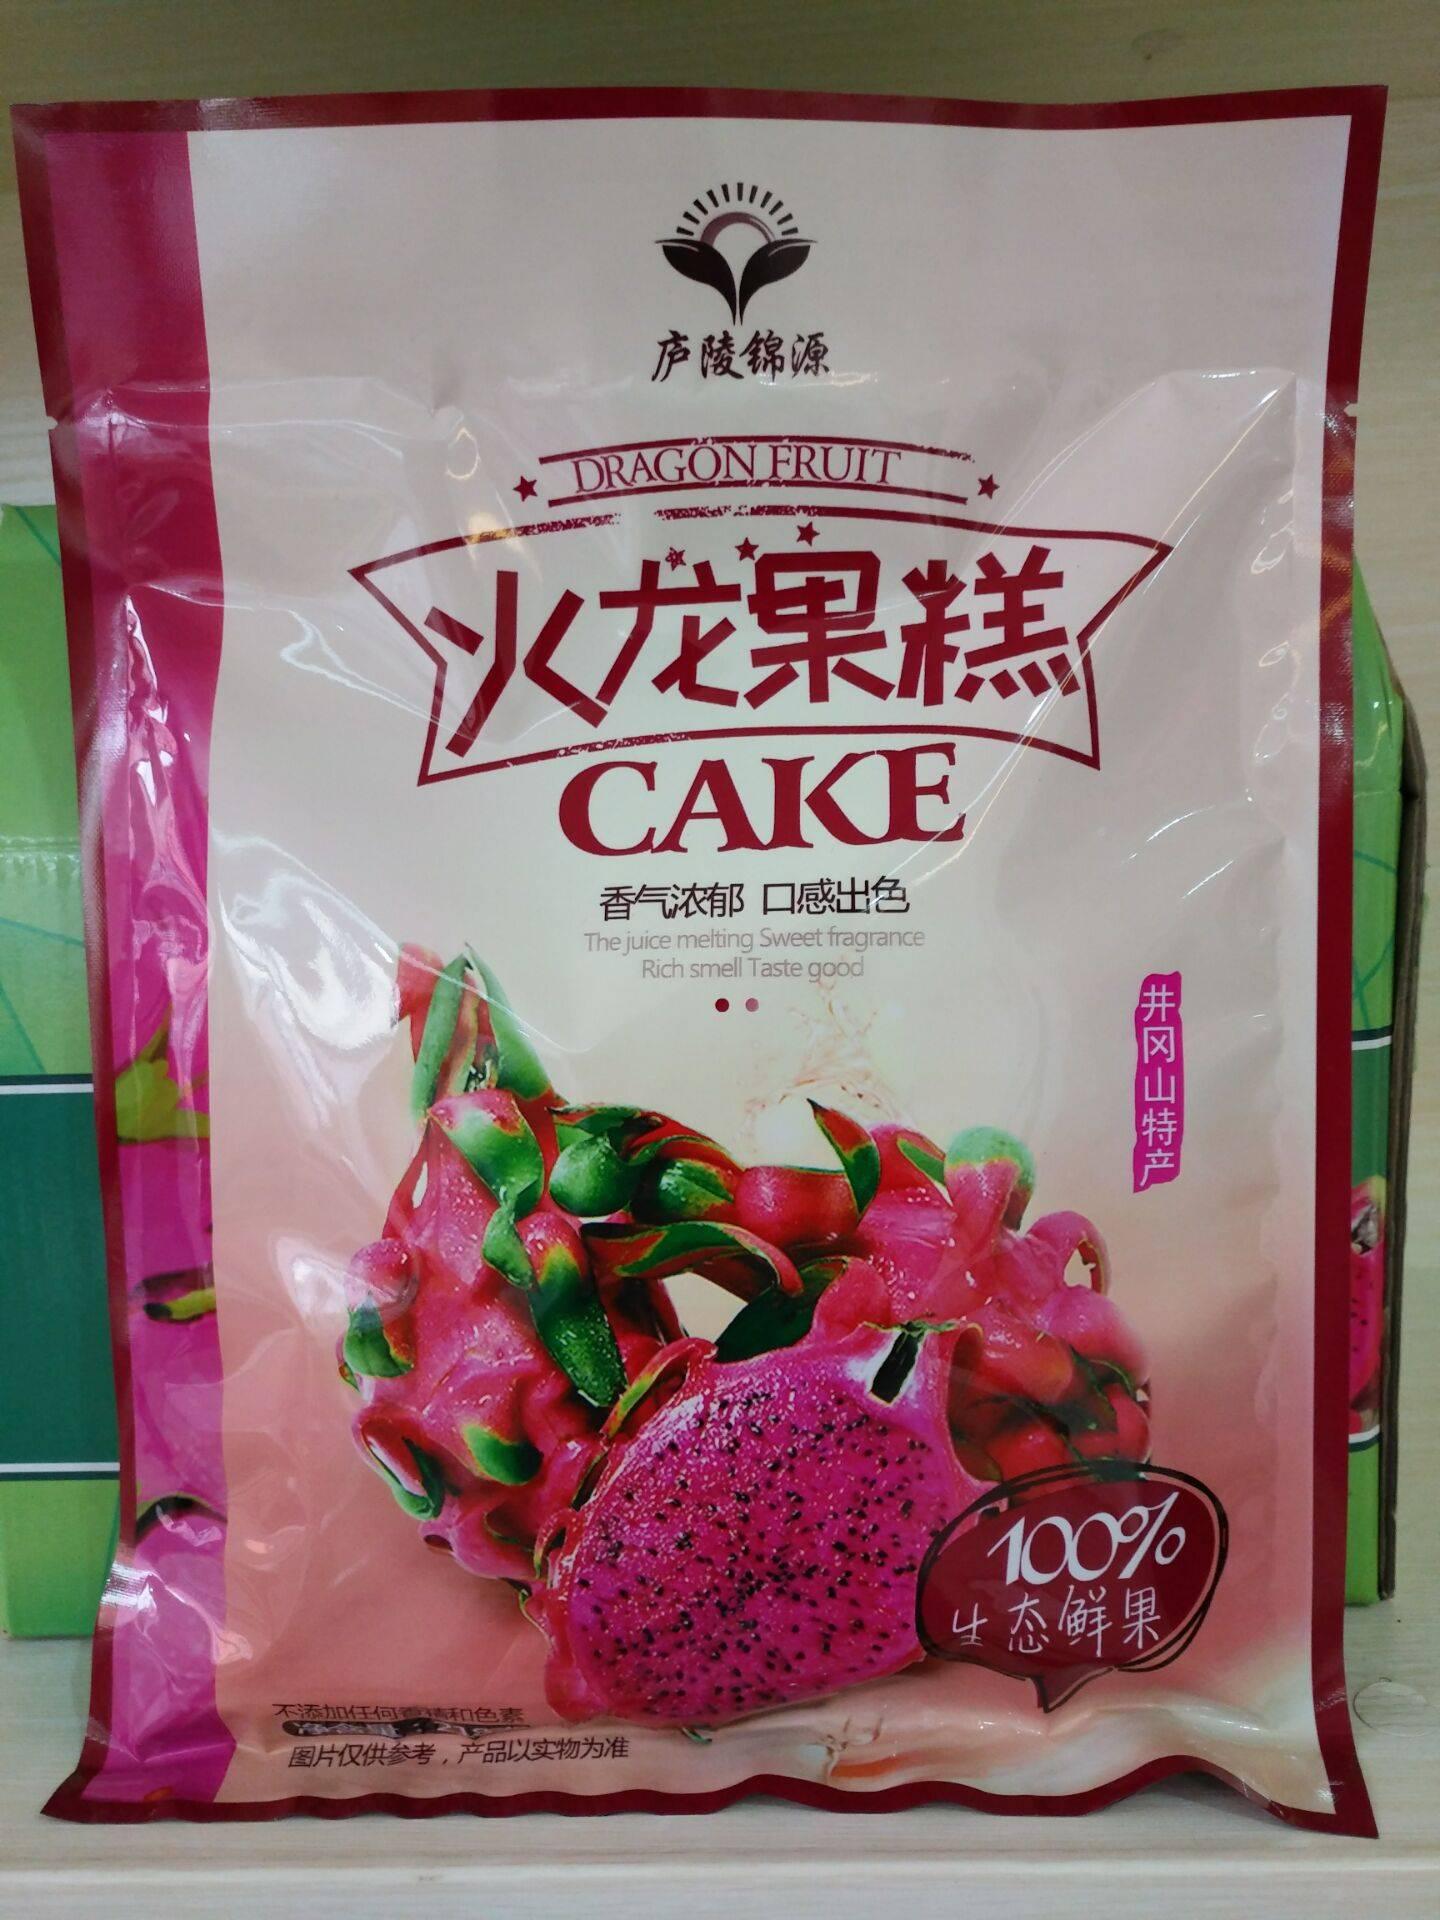 吉安特产 火龙果糕218克